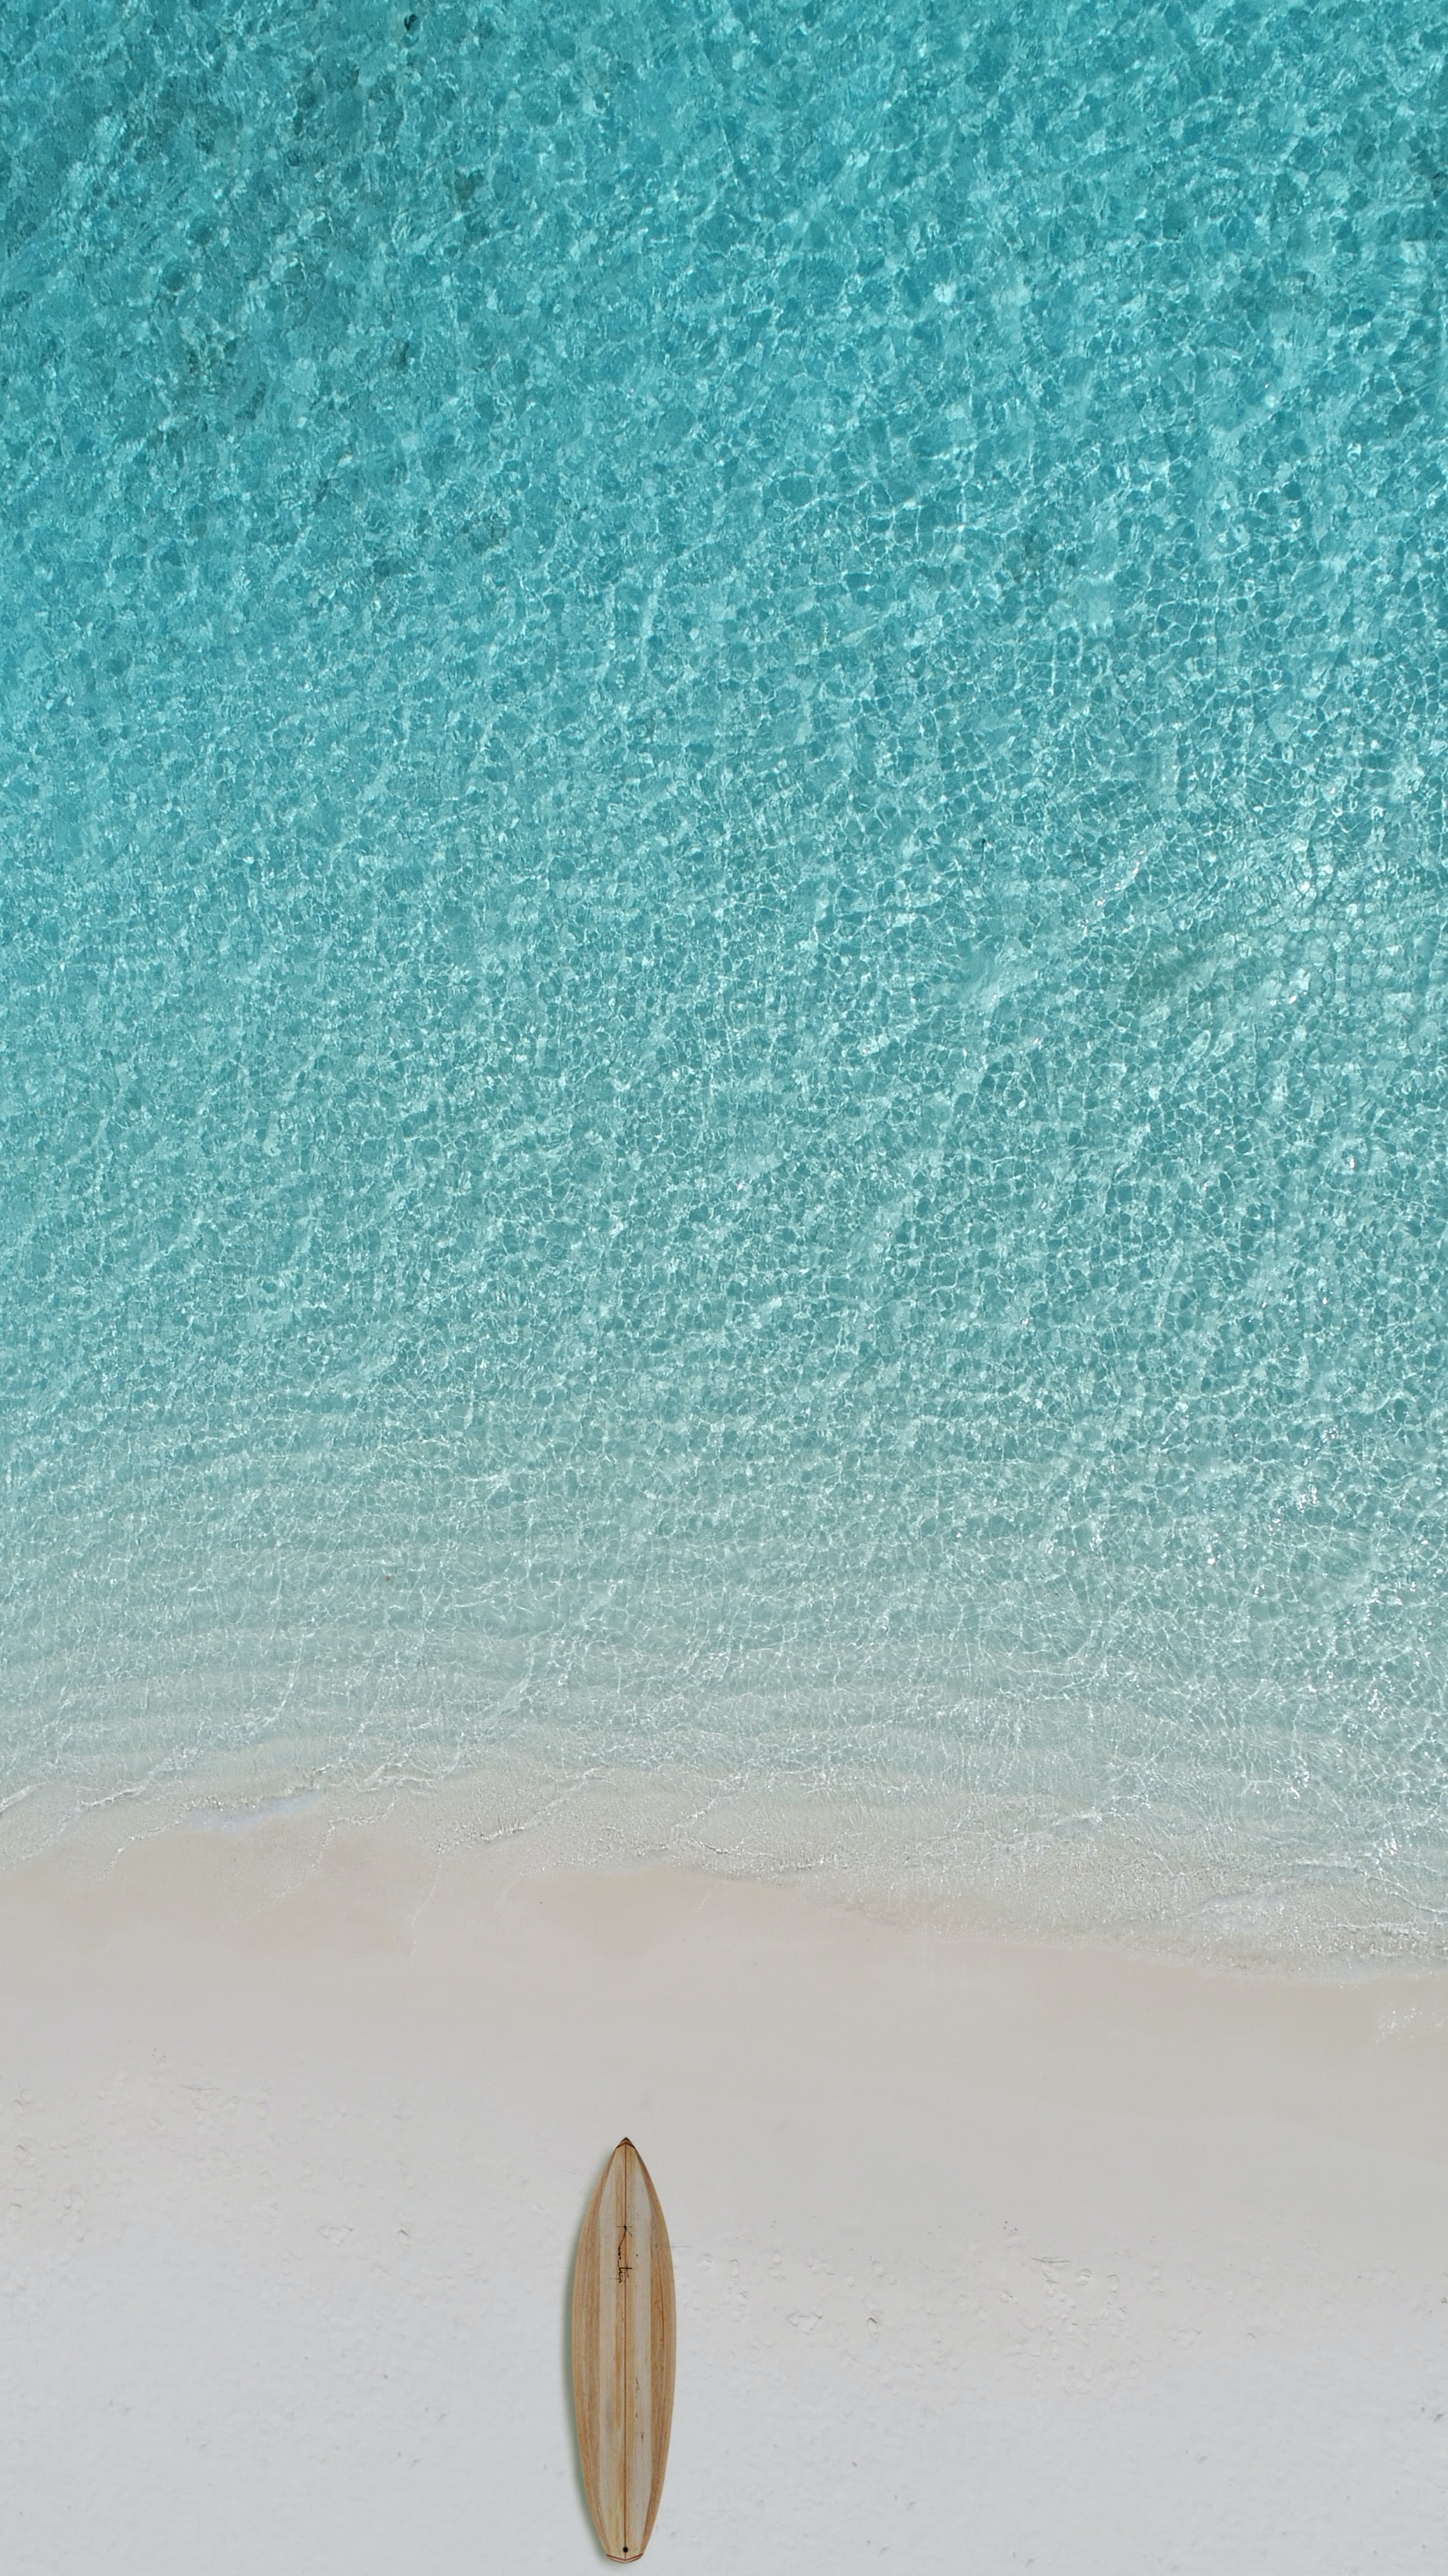 139572 Protetores de tela e papéis de parede Praia em seu telefone. Baixe Praia, Água, Mar, Minimalismo, Prancha De Surfe, Prancha fotos gratuitamente